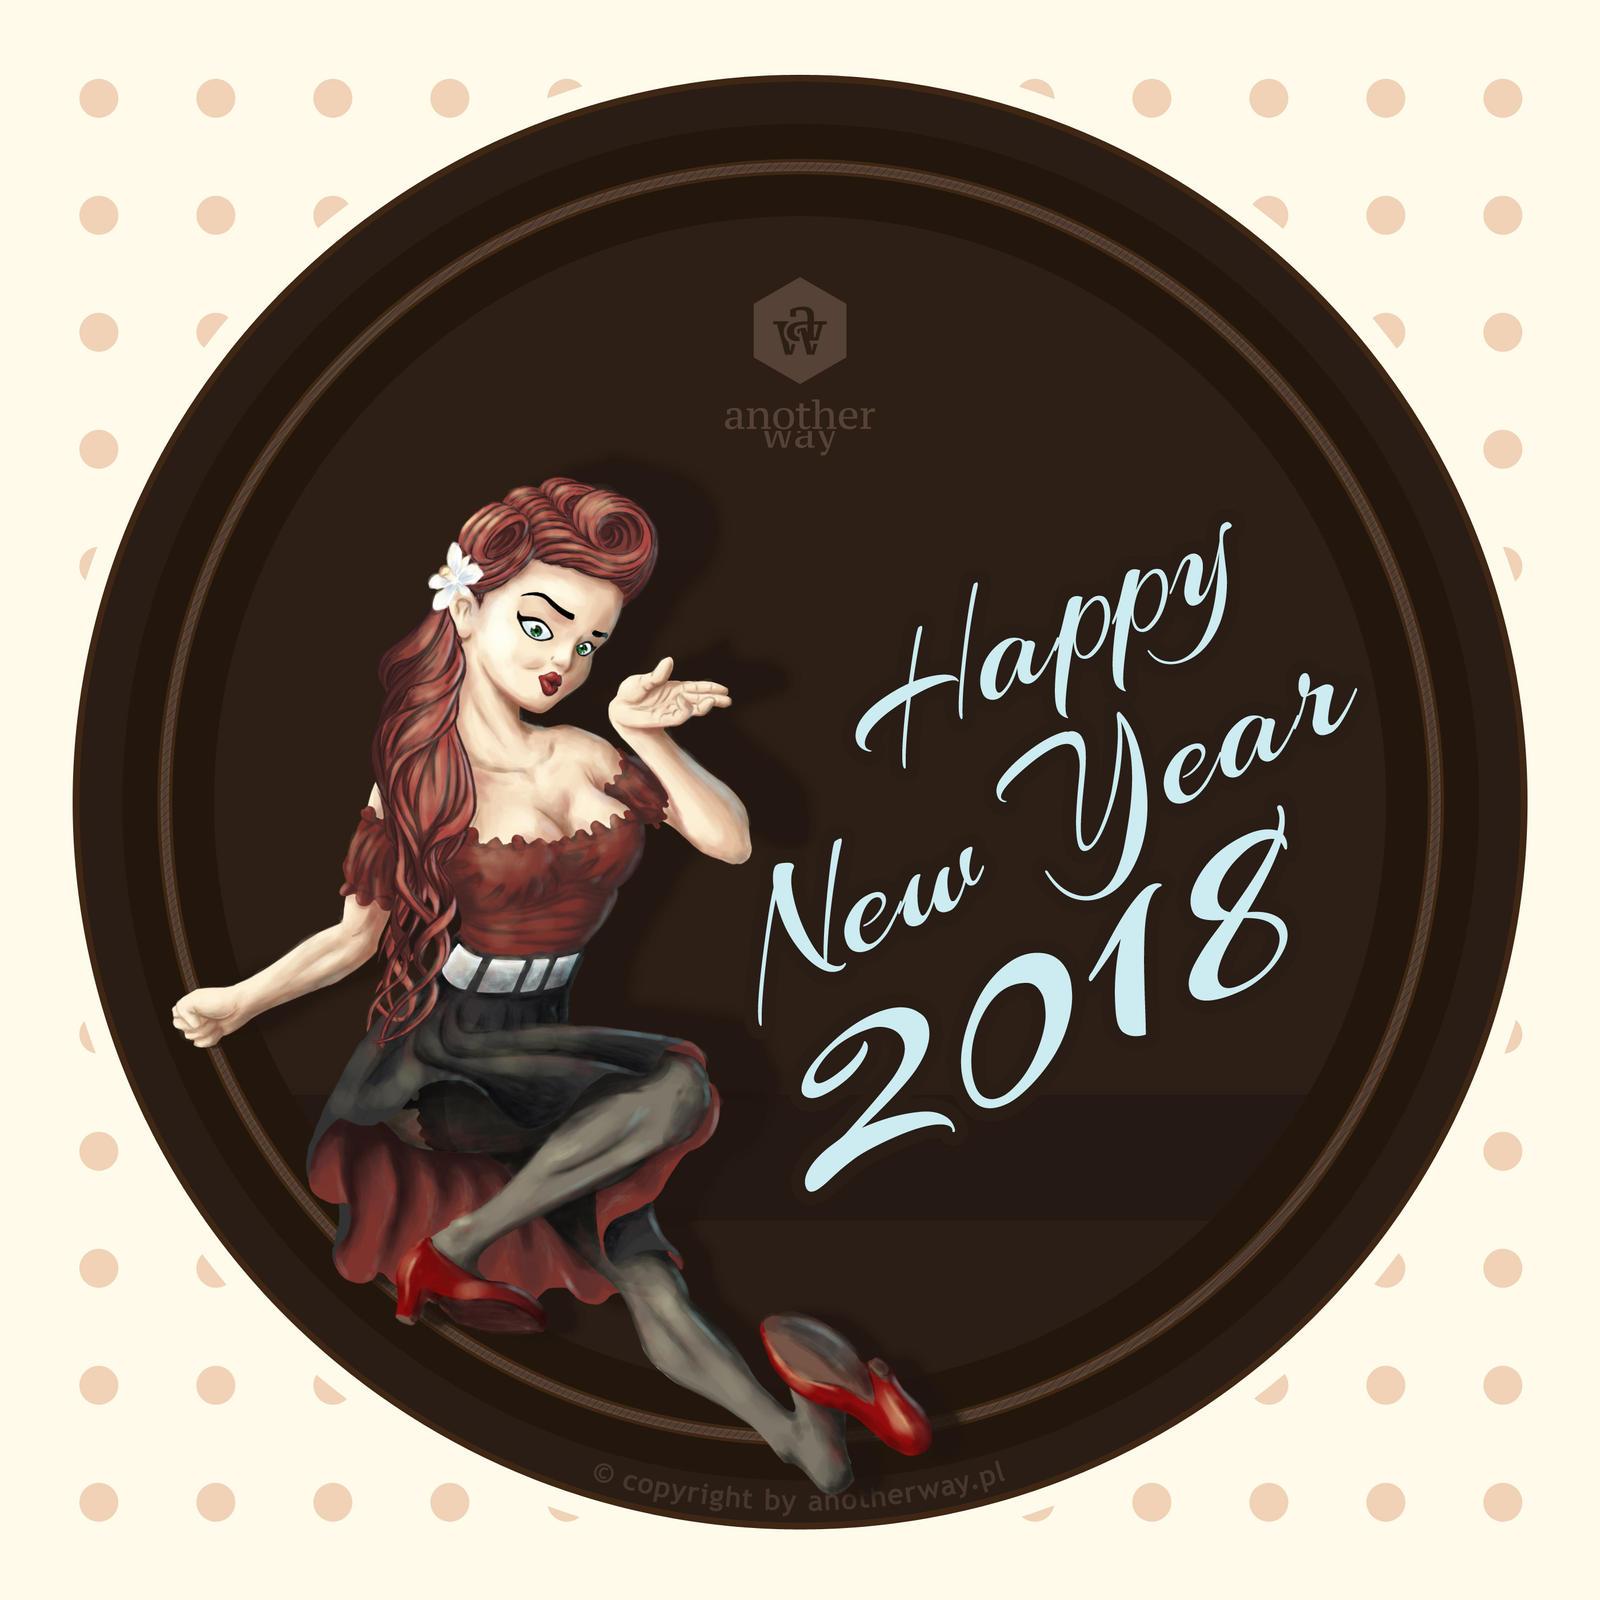 Happy New Year - 2018 by KonaRos